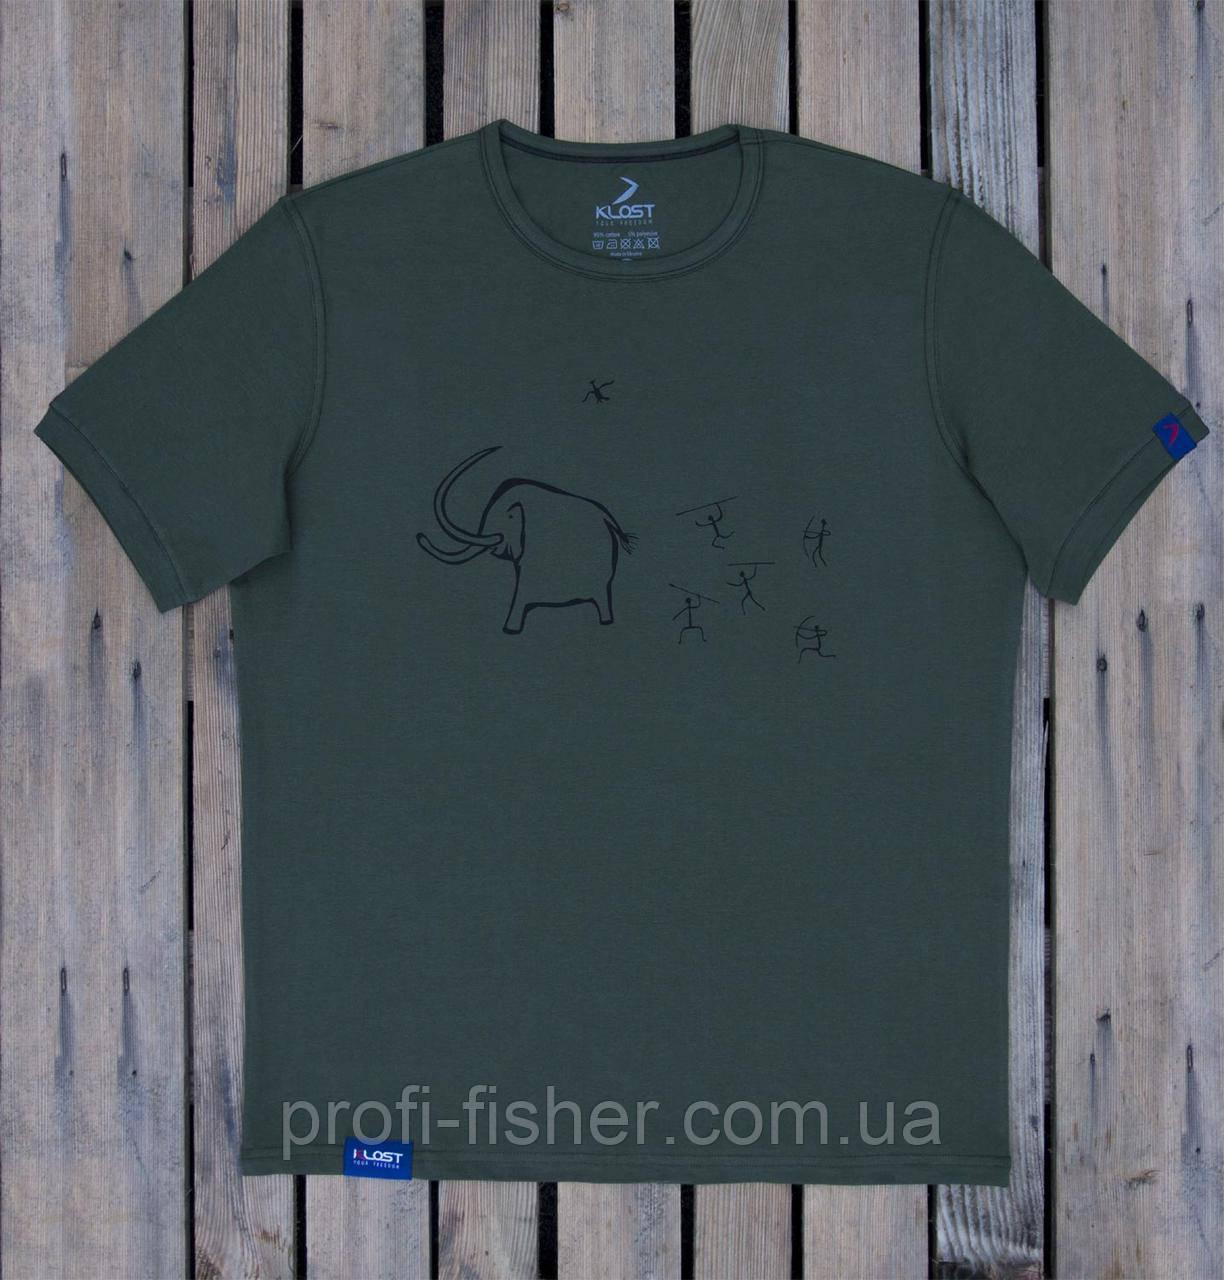 Футболка KLOST Охота на мамонта 70.03 L Green